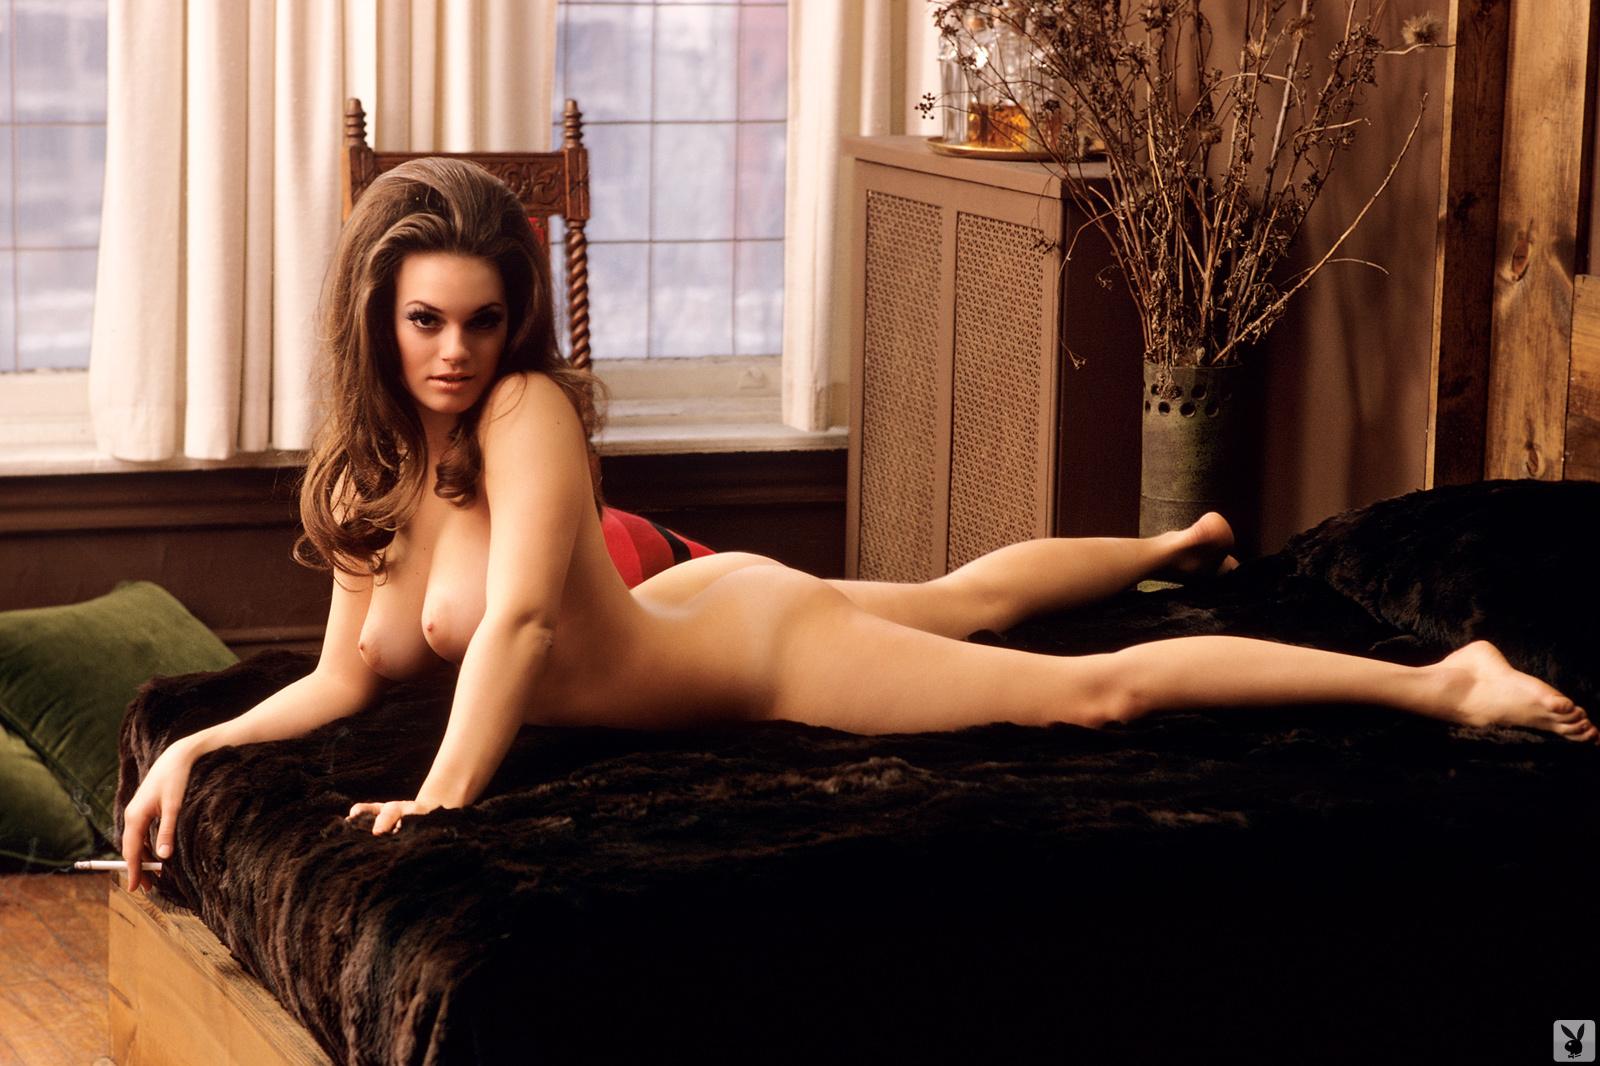 Playmate nude